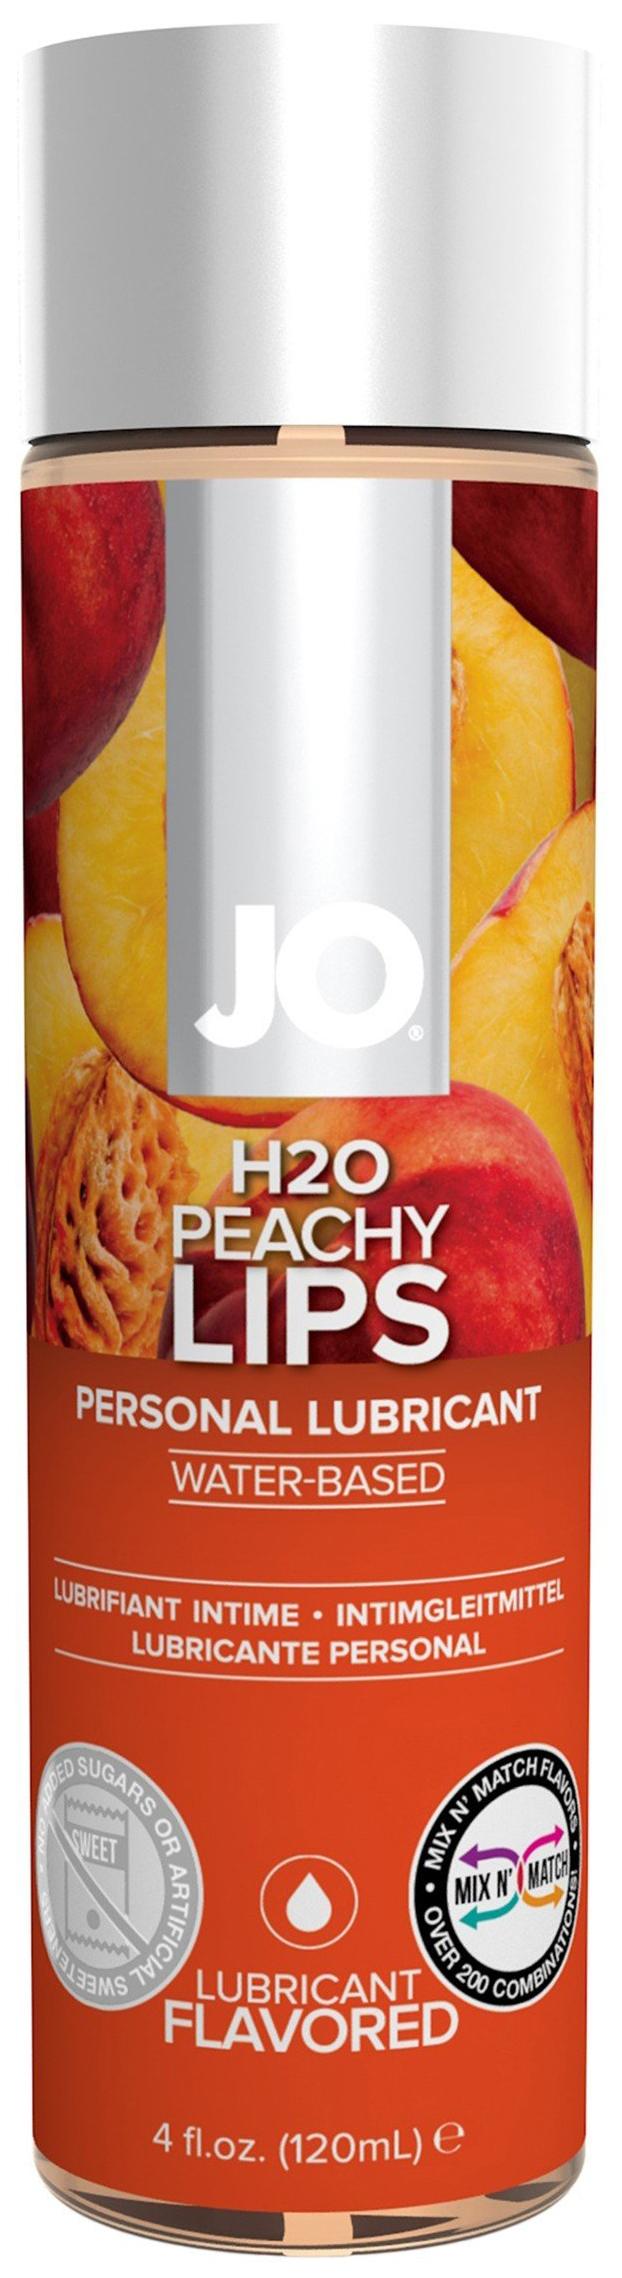 Купить Гель-смазка JO Flavored Peachy Lips на водной основе с ароматом персика 120 мл, System JO